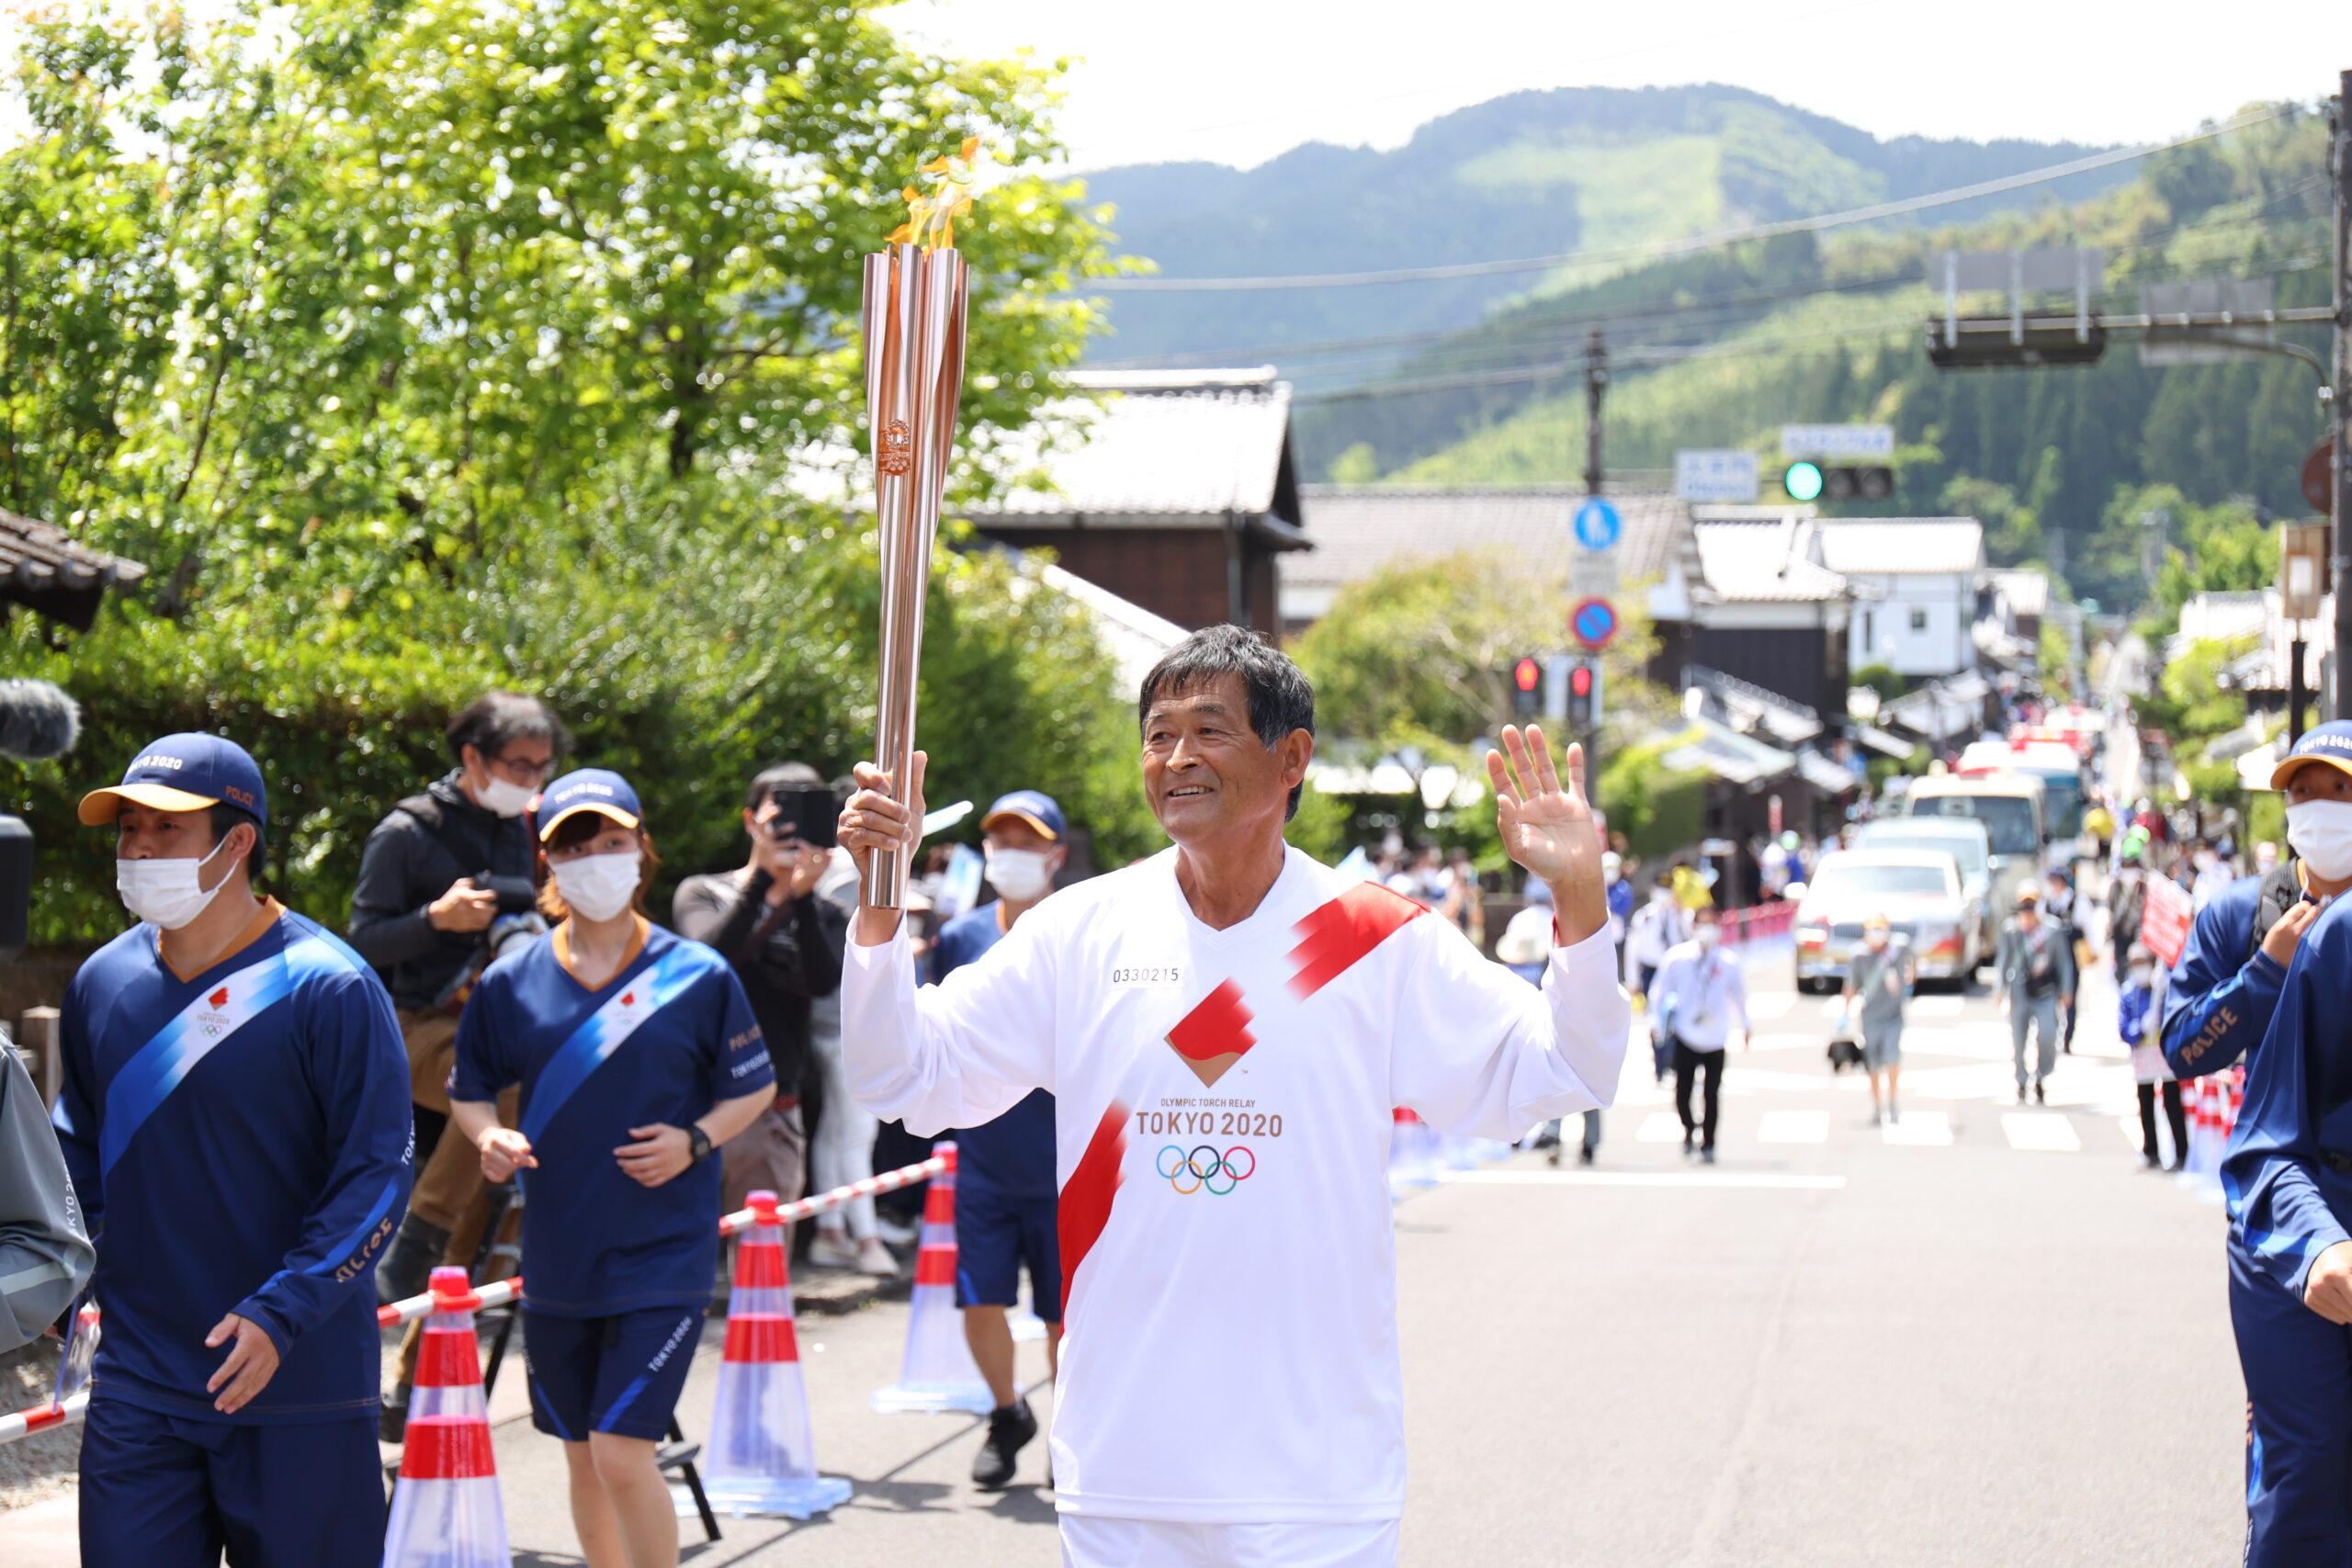 マラソン界のレジェンド谷口浩美氏、宗兄弟が宮崎で聖火リレー